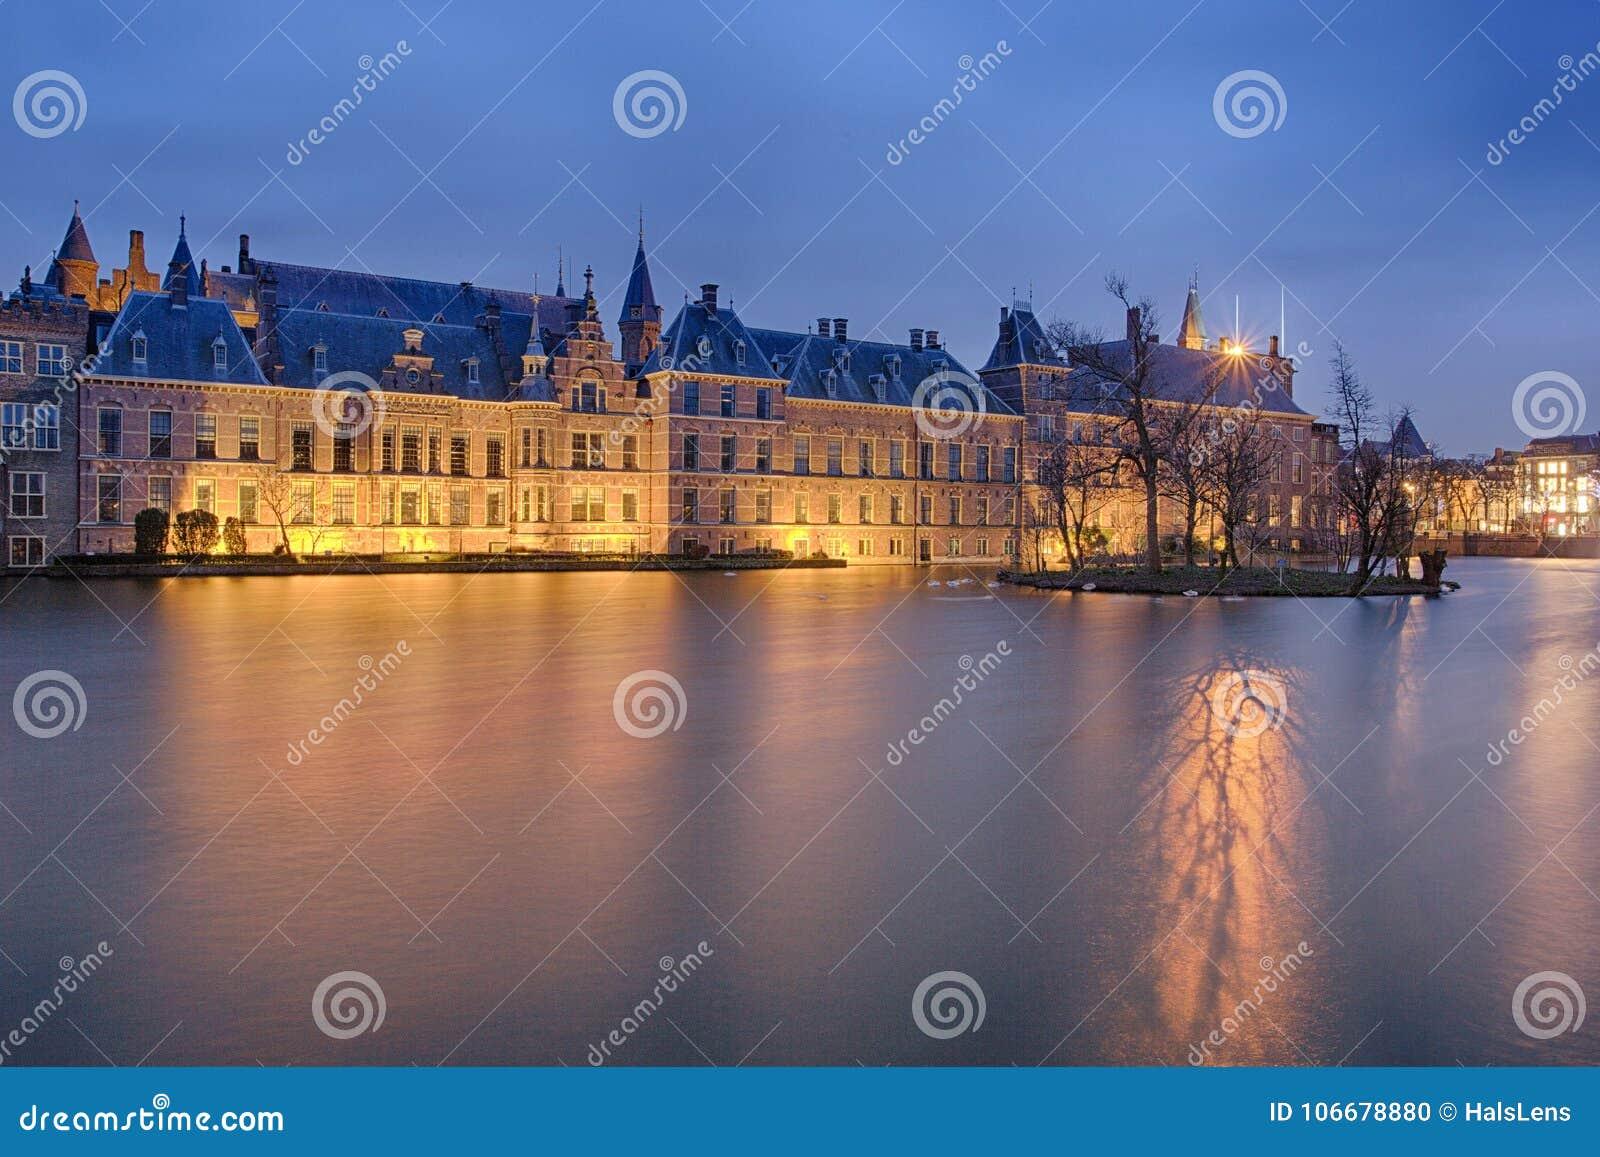 Buitenhof, Chambres du Parlement néerlandais à la Haye